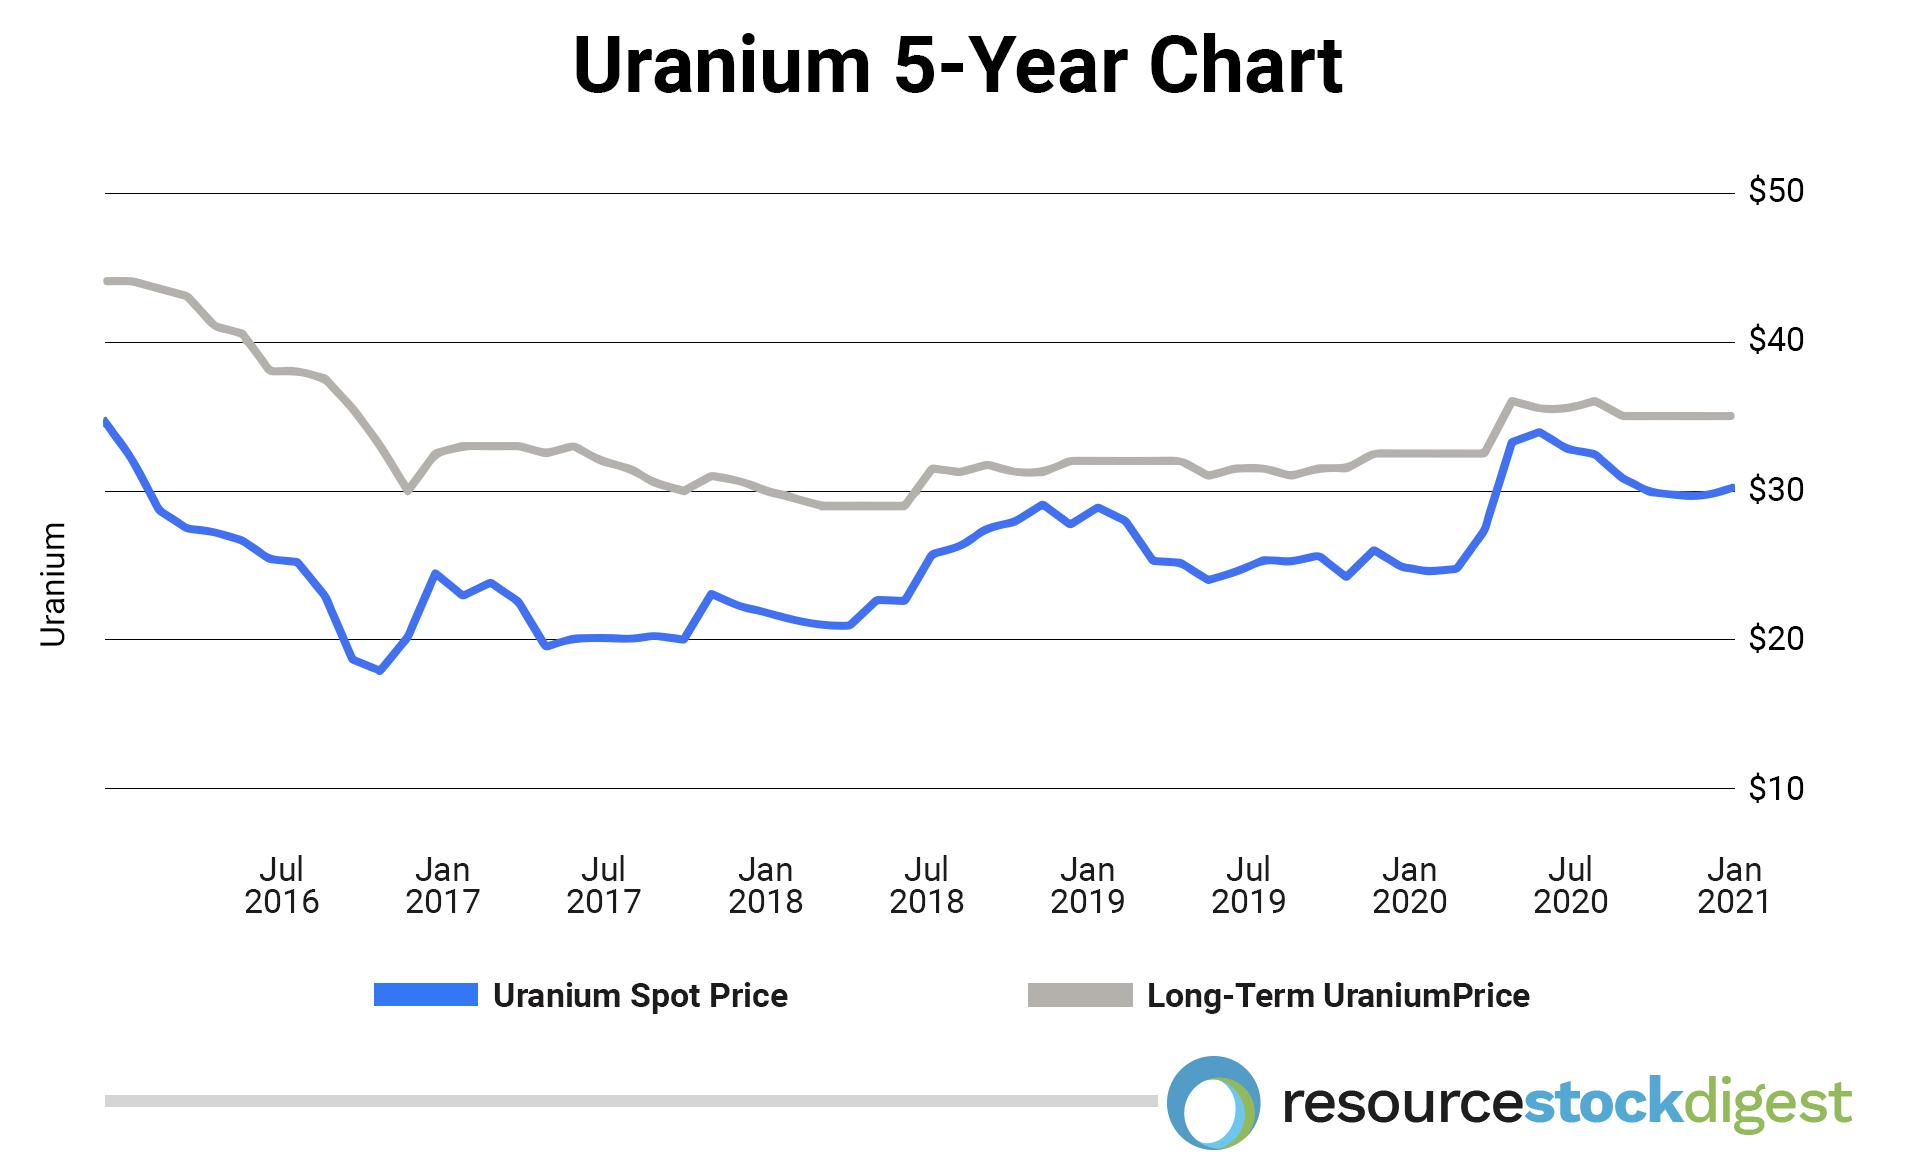 urananium-5year-chart